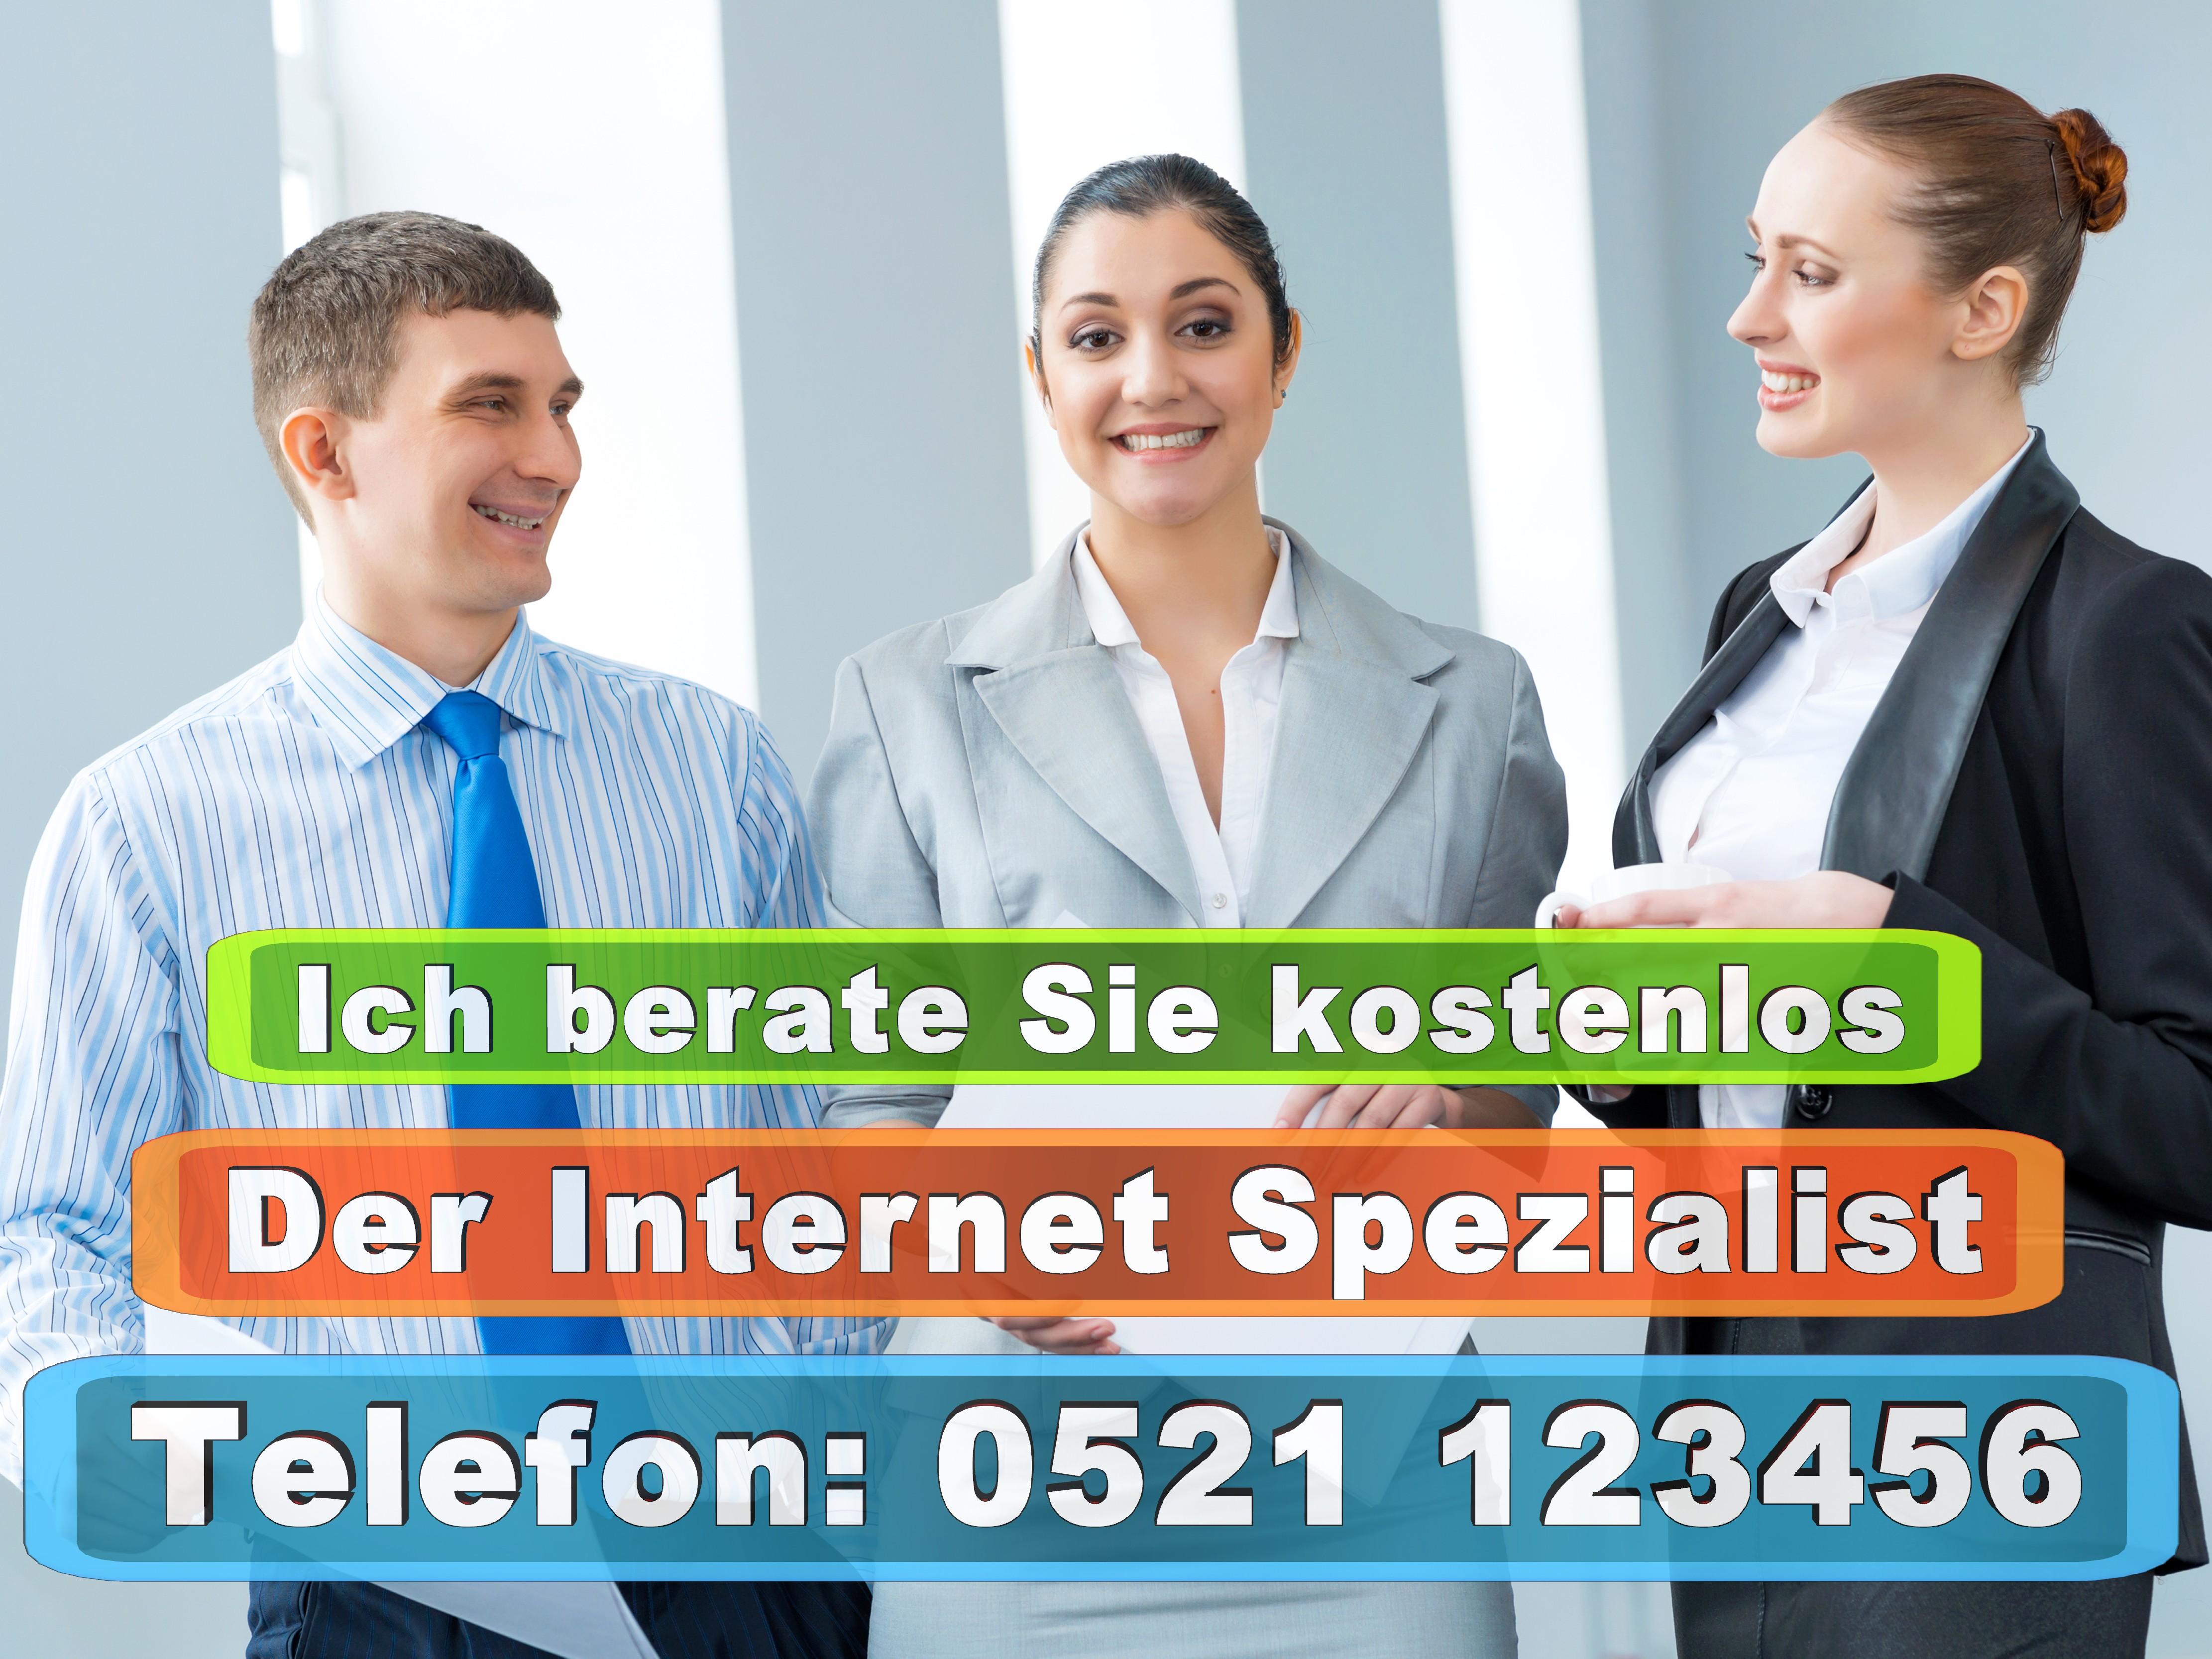 Steuerberater Bielefeld Rechtsanwalt Bielefeld Hausverwaltung Bielefeld Immobilien Bielefeld Architekt Bielefeld Büro Versicherungen (21)